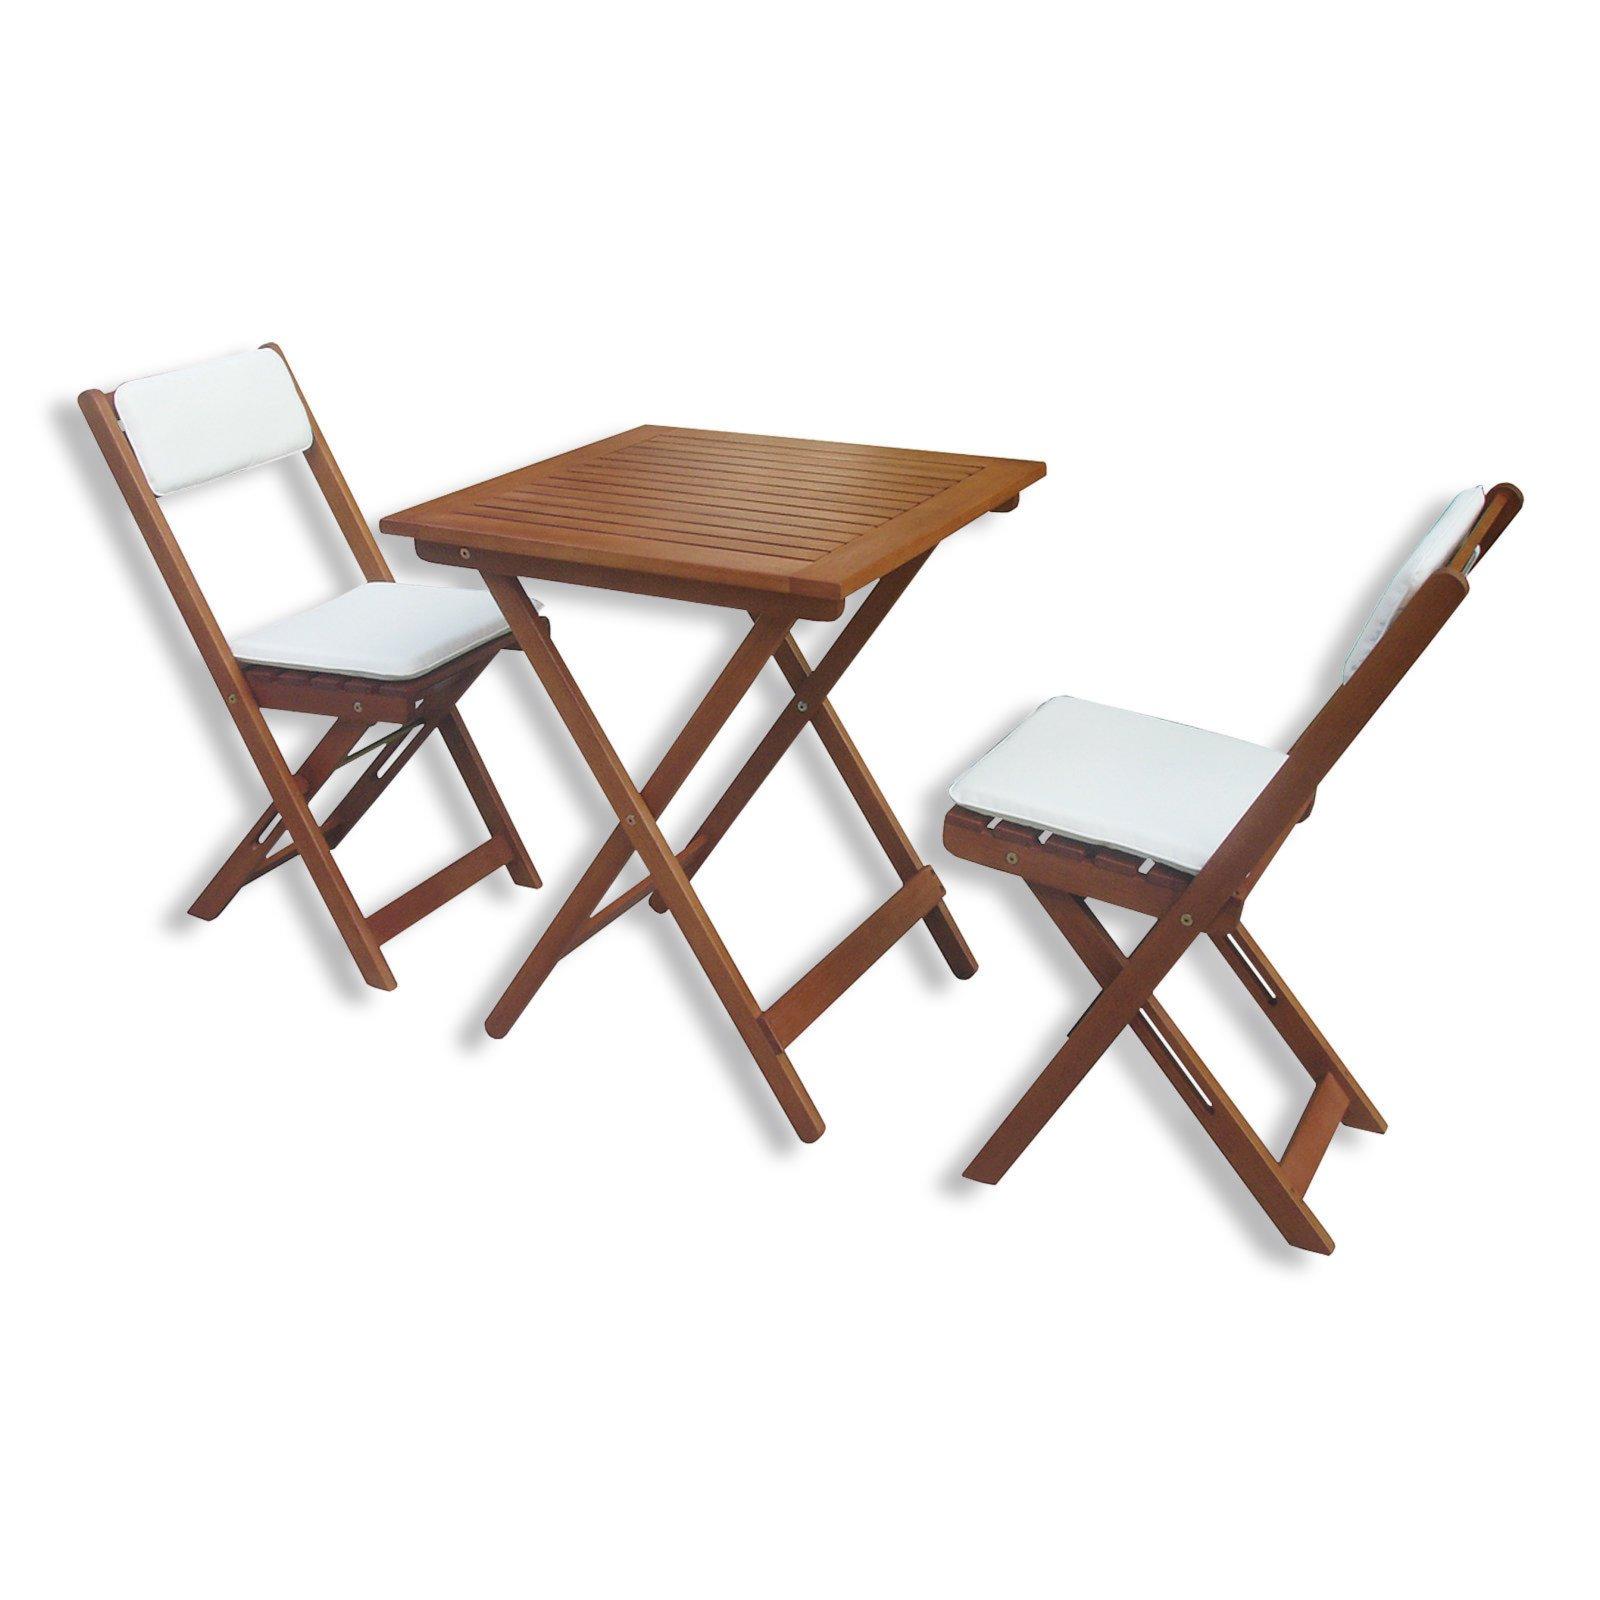 roller gartenm bel set hfcmaastricht. Black Bedroom Furniture Sets. Home Design Ideas